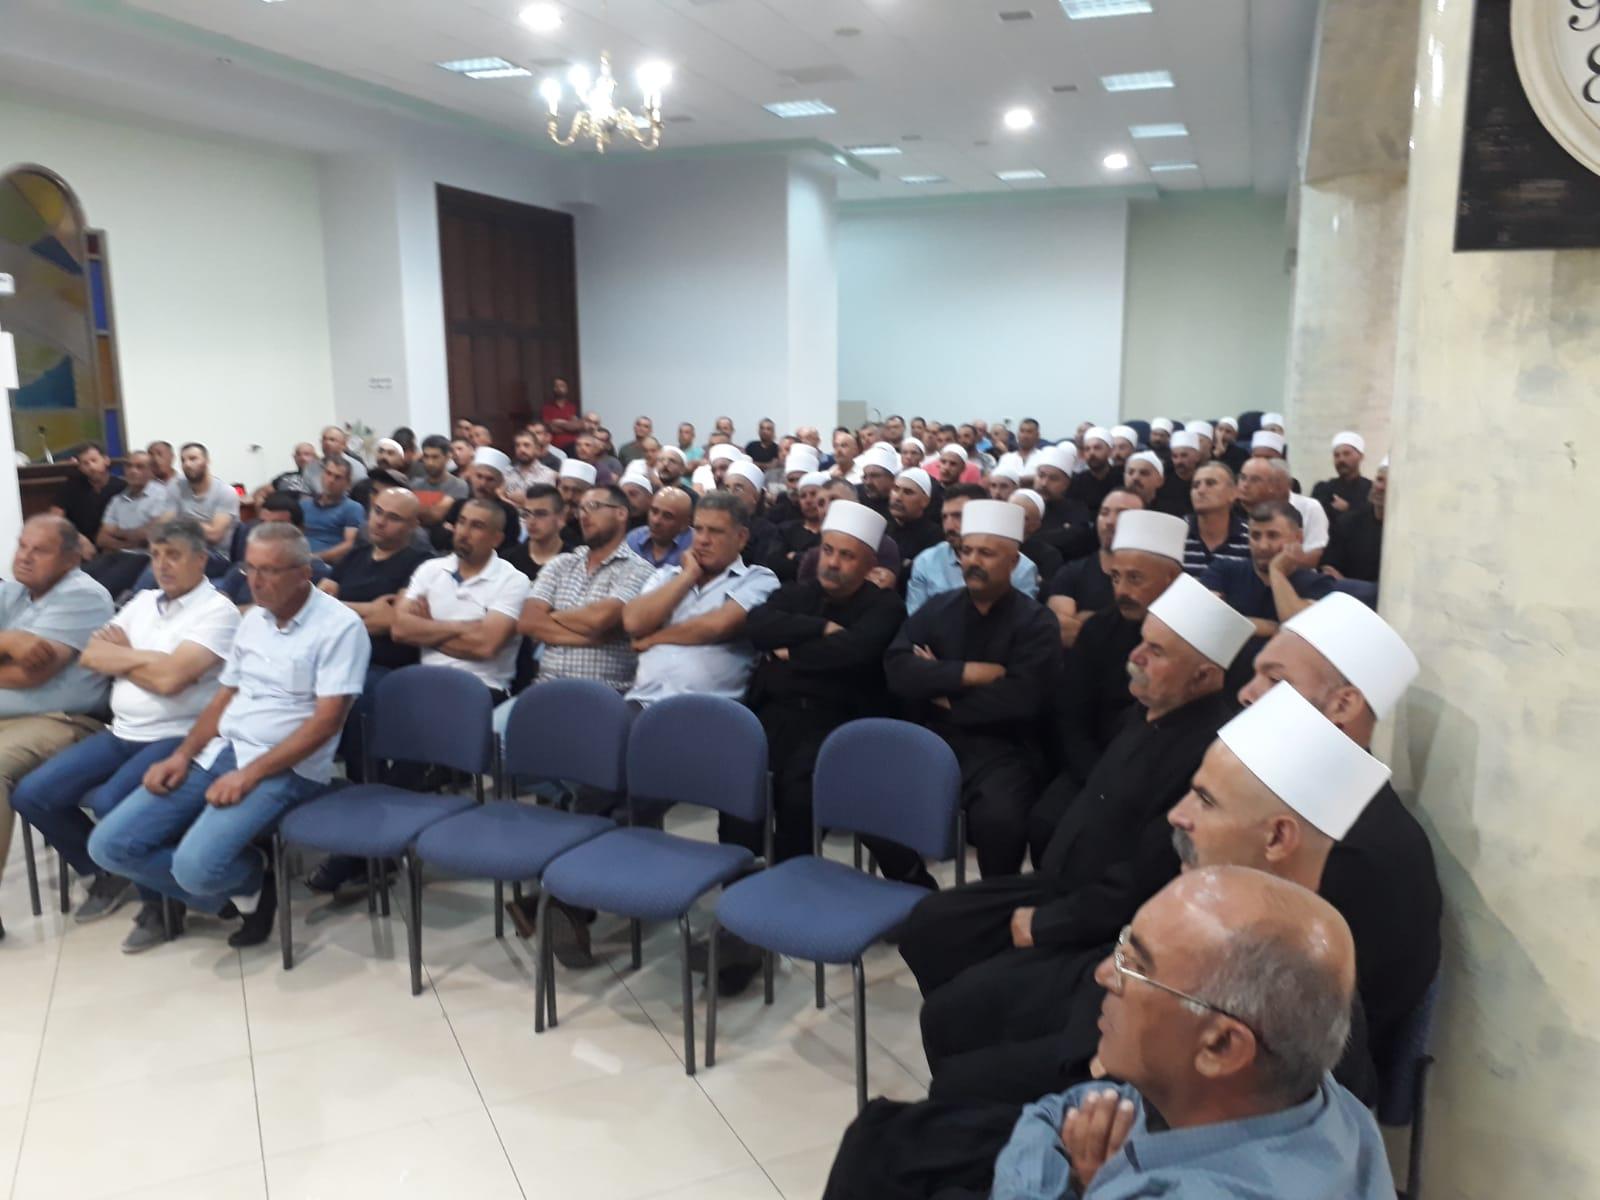 Photo of أهالي الجولان يجددون رفضهم انتخابات المجالس المحلية التي تعتزم دولة الاحتلال إجراءها في الجولان السوري المحتل